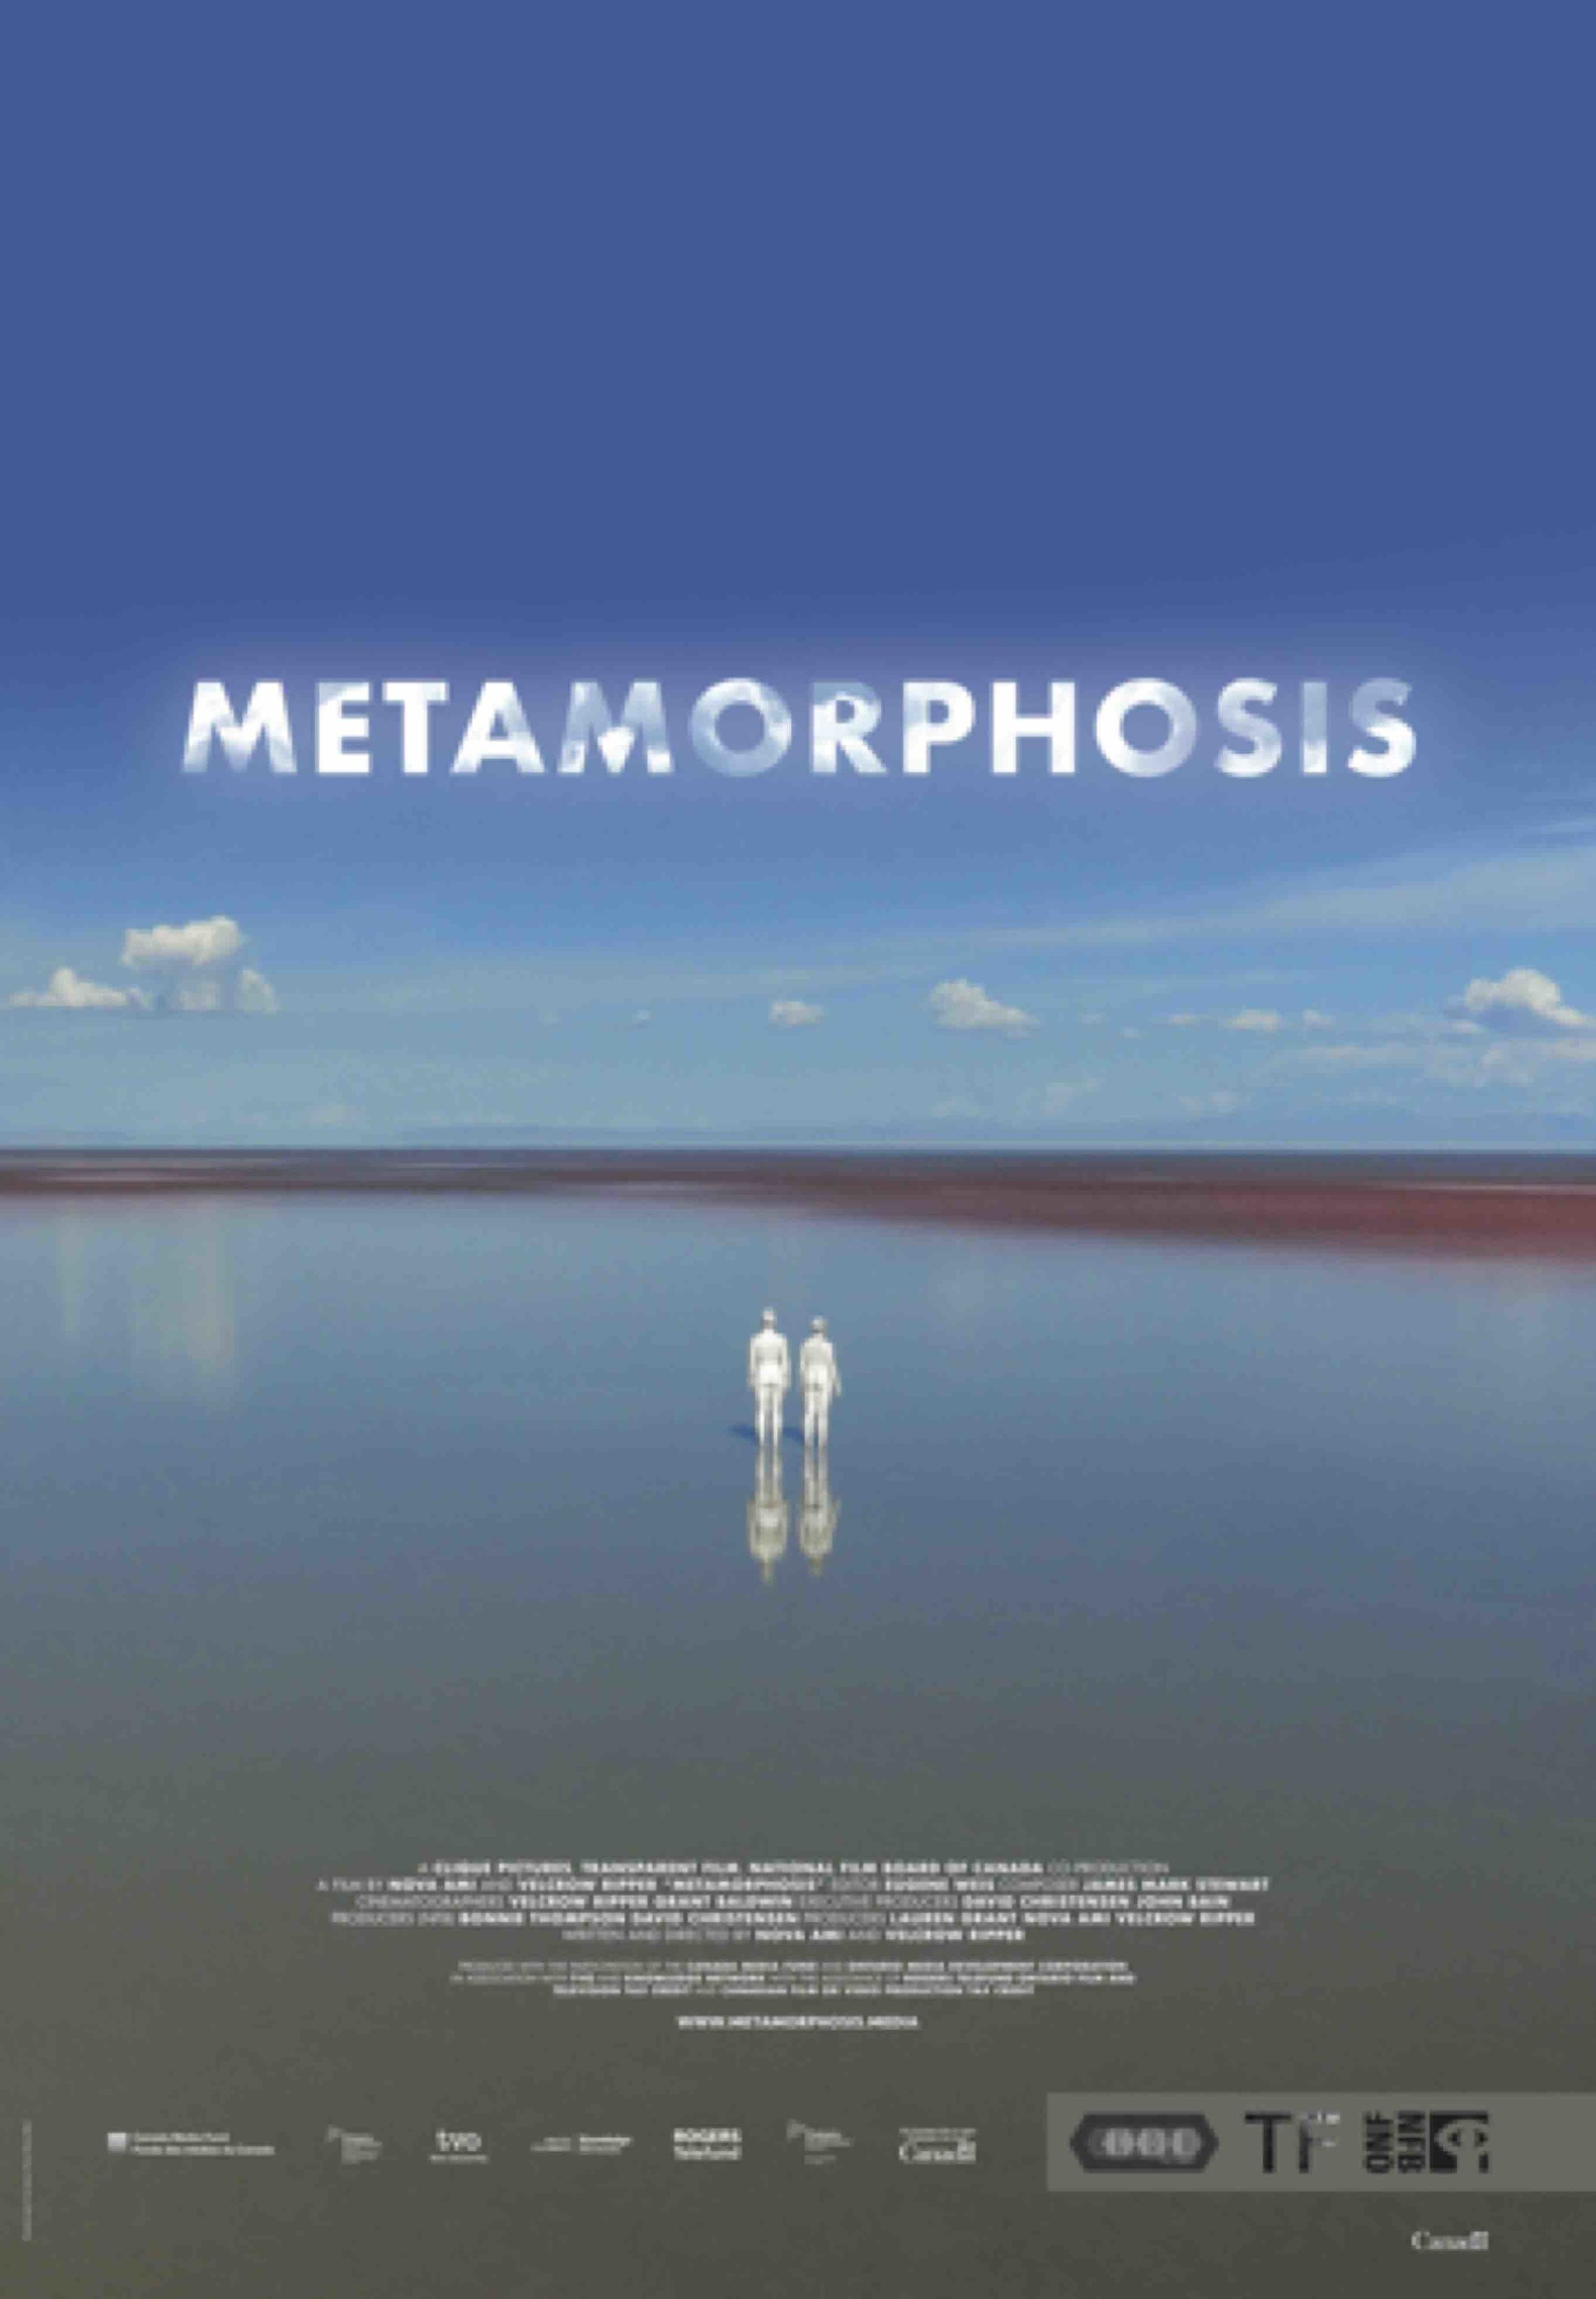 Metamorphosis_Affiche27x39ENG_v22_HR copy 3.jpg